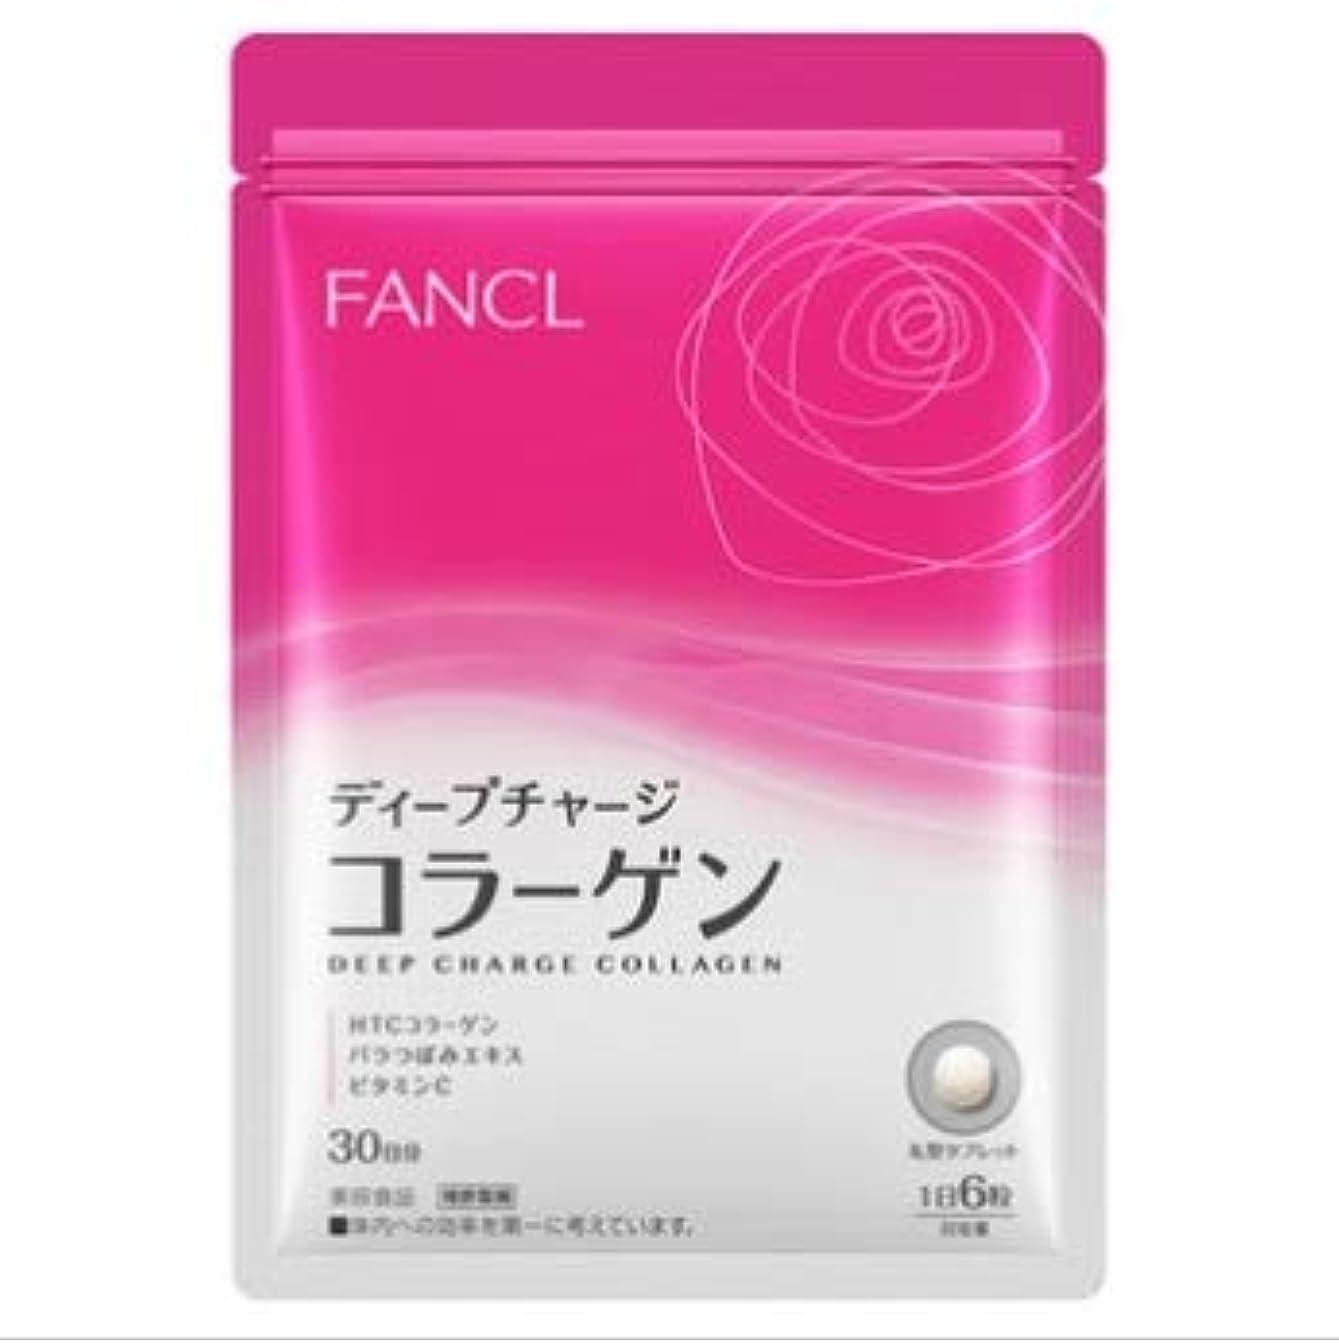 故障ヤング入手しますファンケル(FANCL) ディープチャージ コラーゲン 約30日分(10個セット)